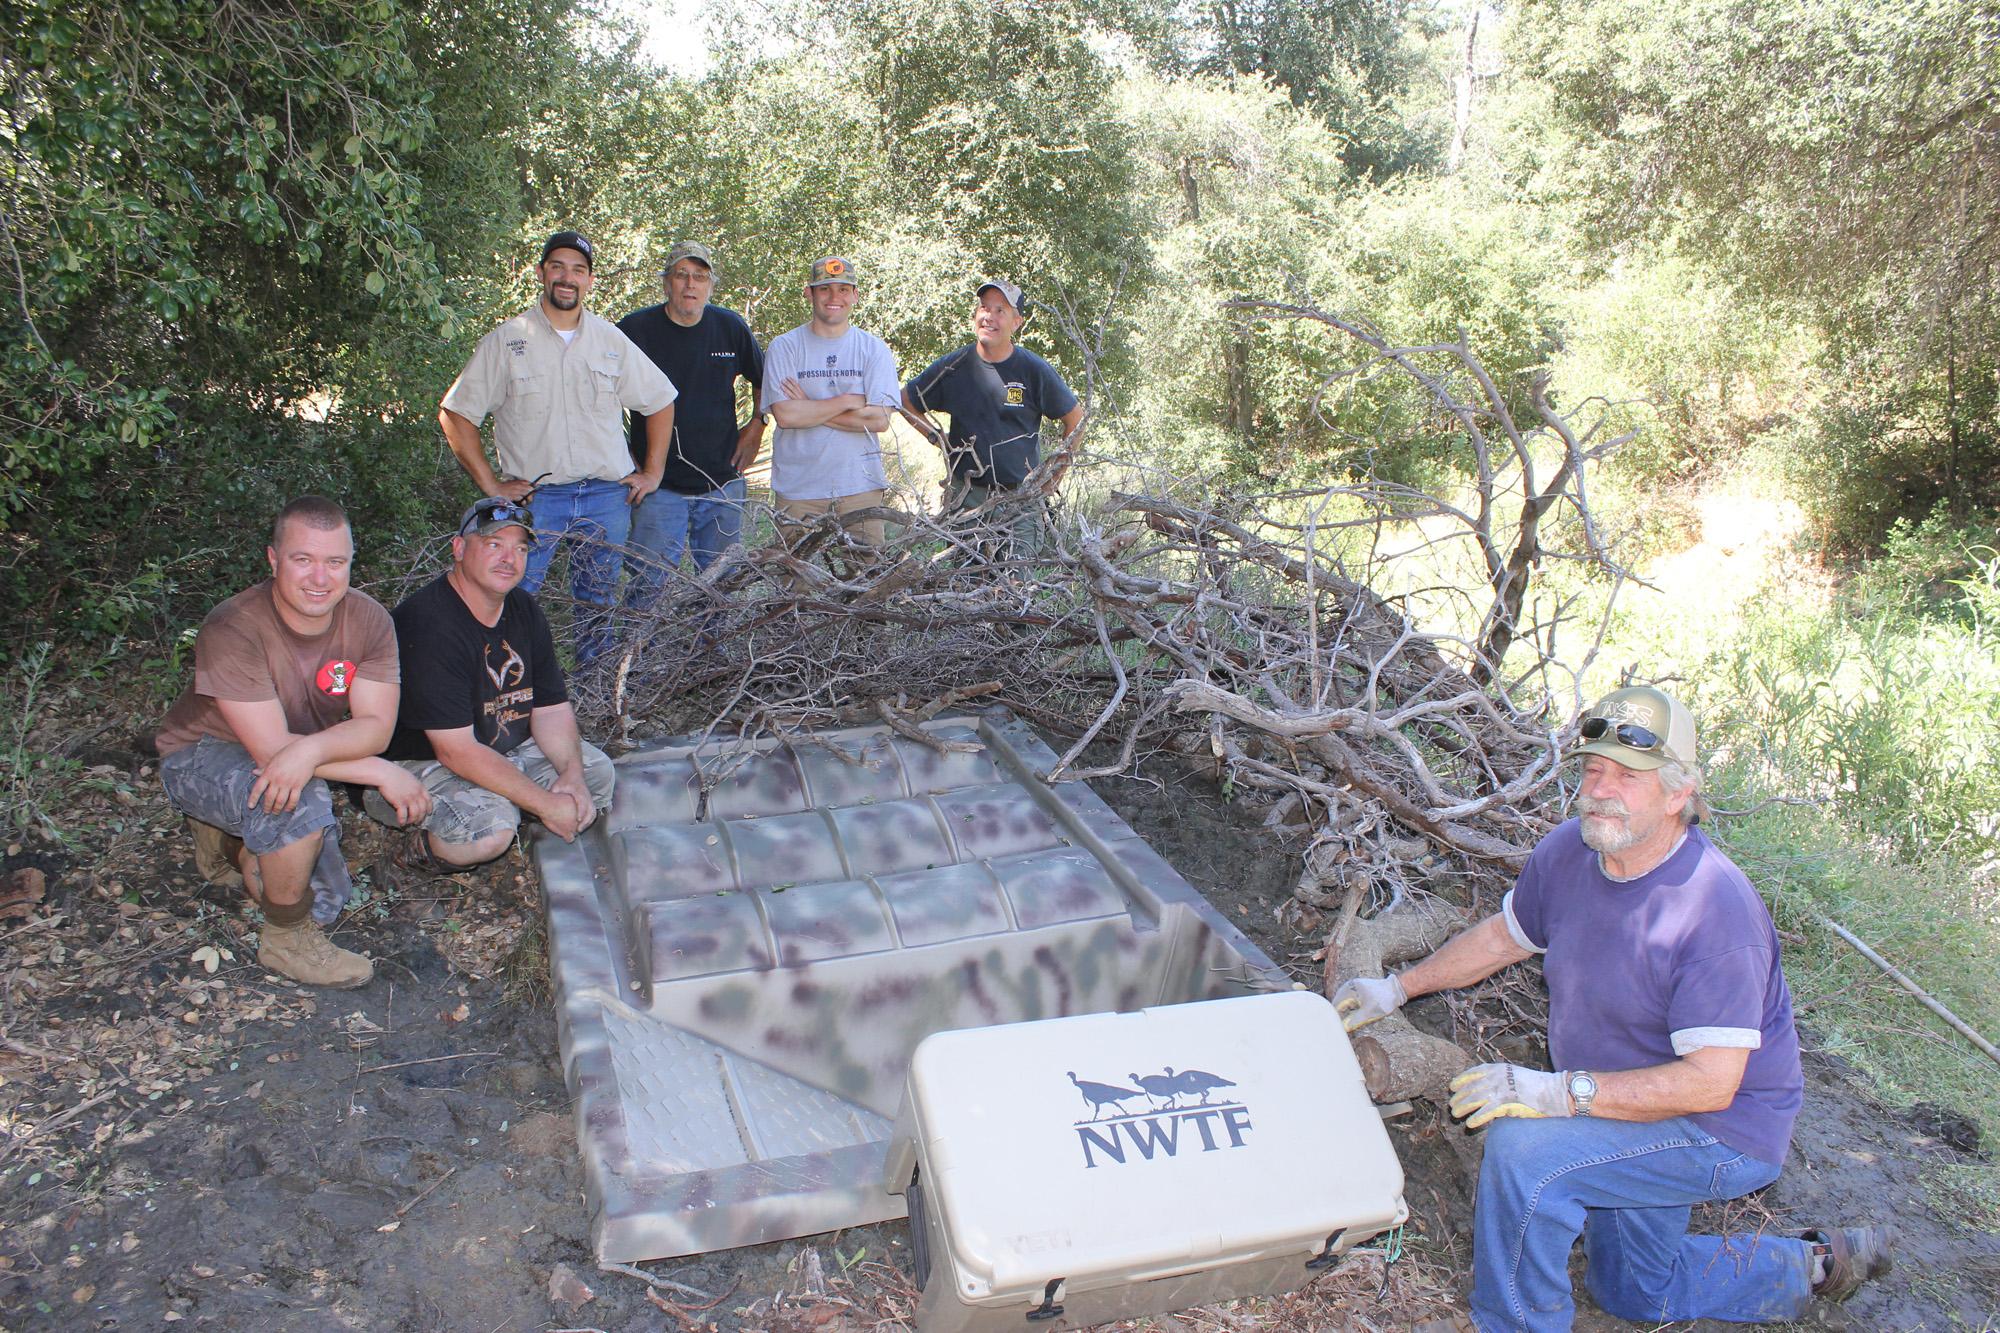 NNWTF San Diego Chapter & Wildlife Water Guzzler